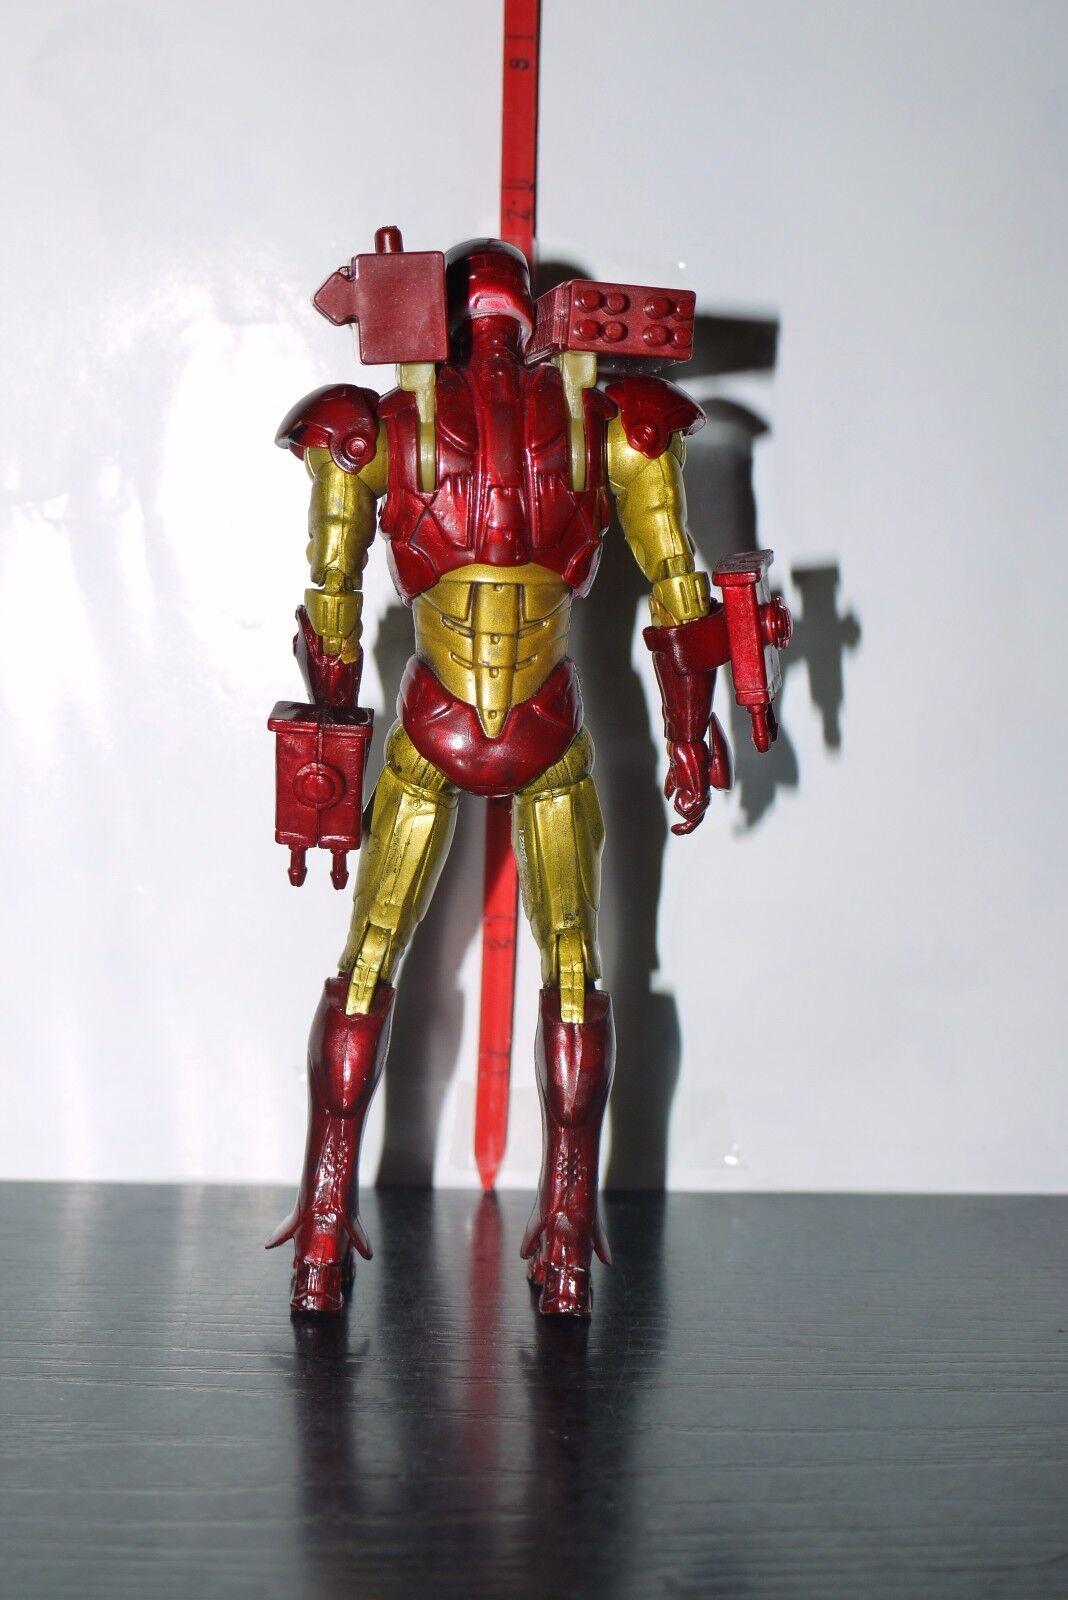 Iron Man Concept Concept Concept Series 6 Hot Zone Armor Figure Marvel Hasbro 05381a